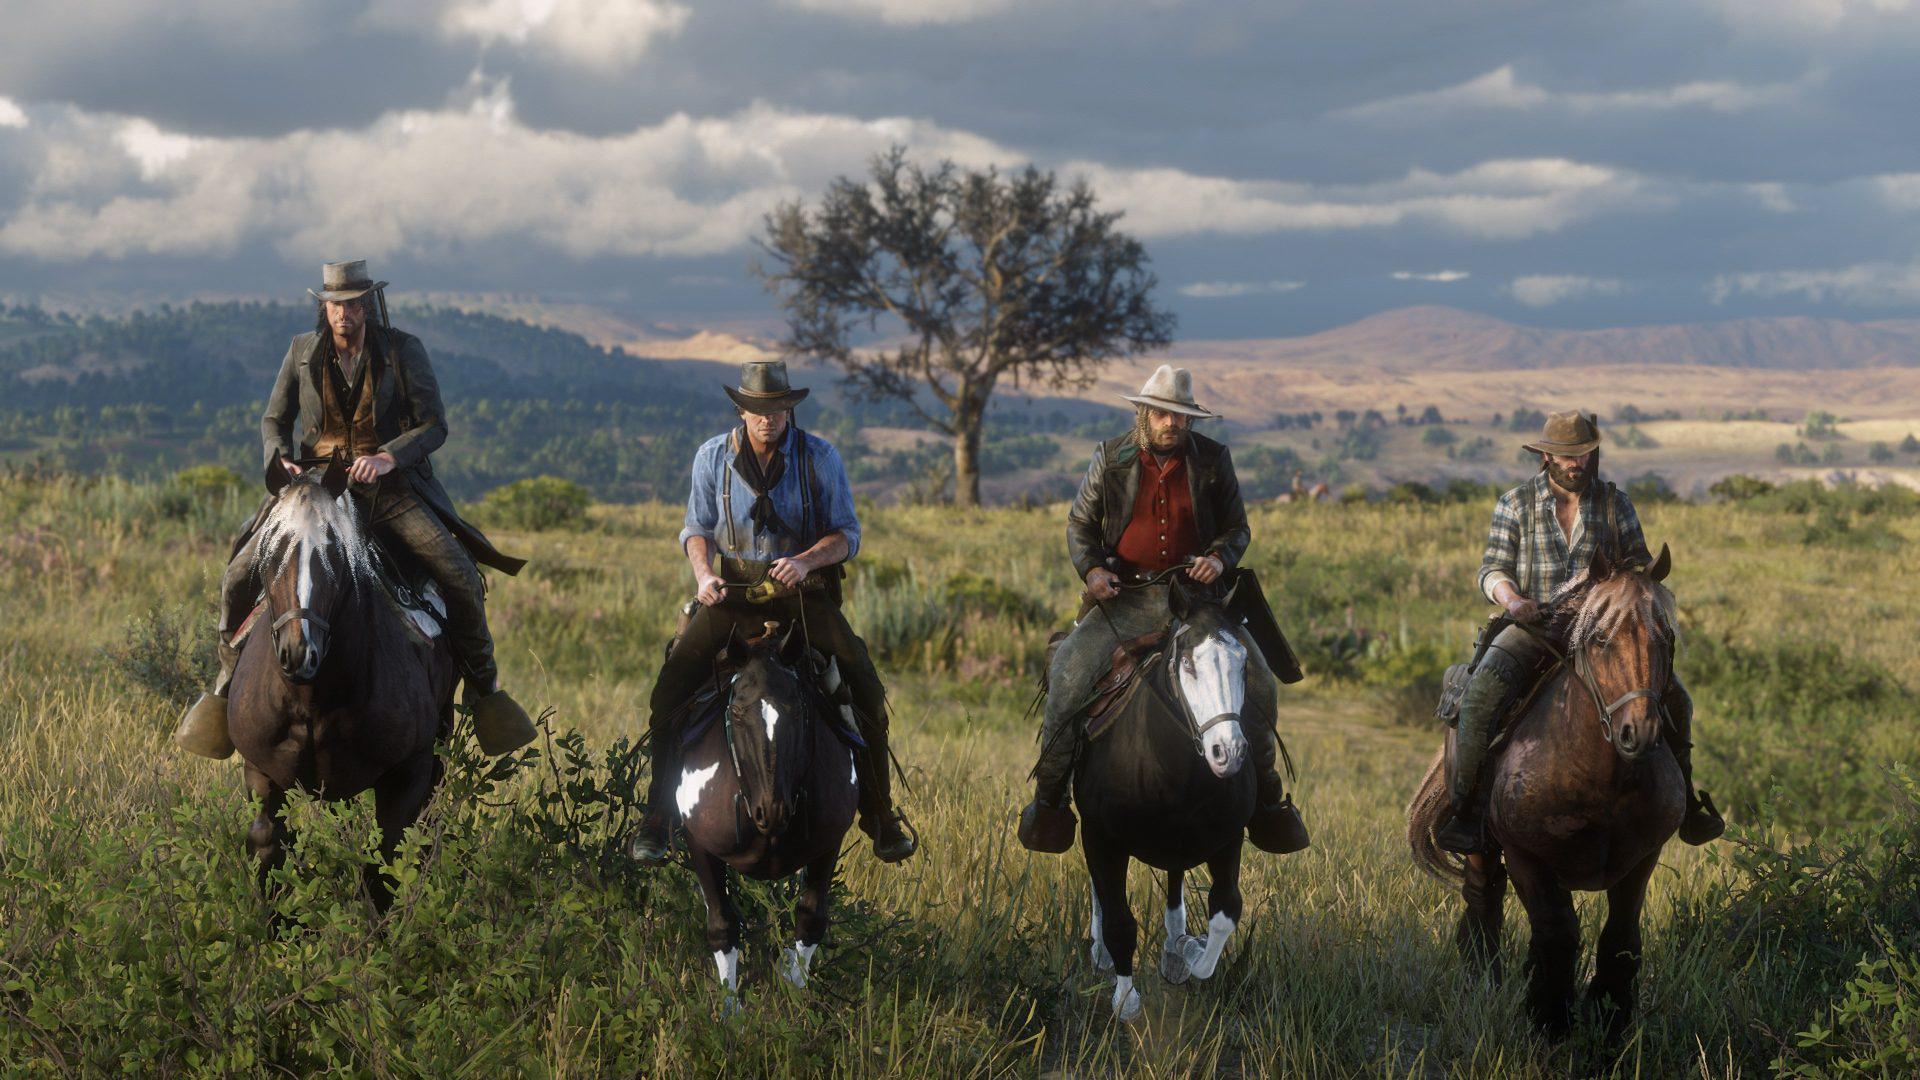 《荒野大镖客:救赎2》放出更多游戏截图 不一样的西部世界